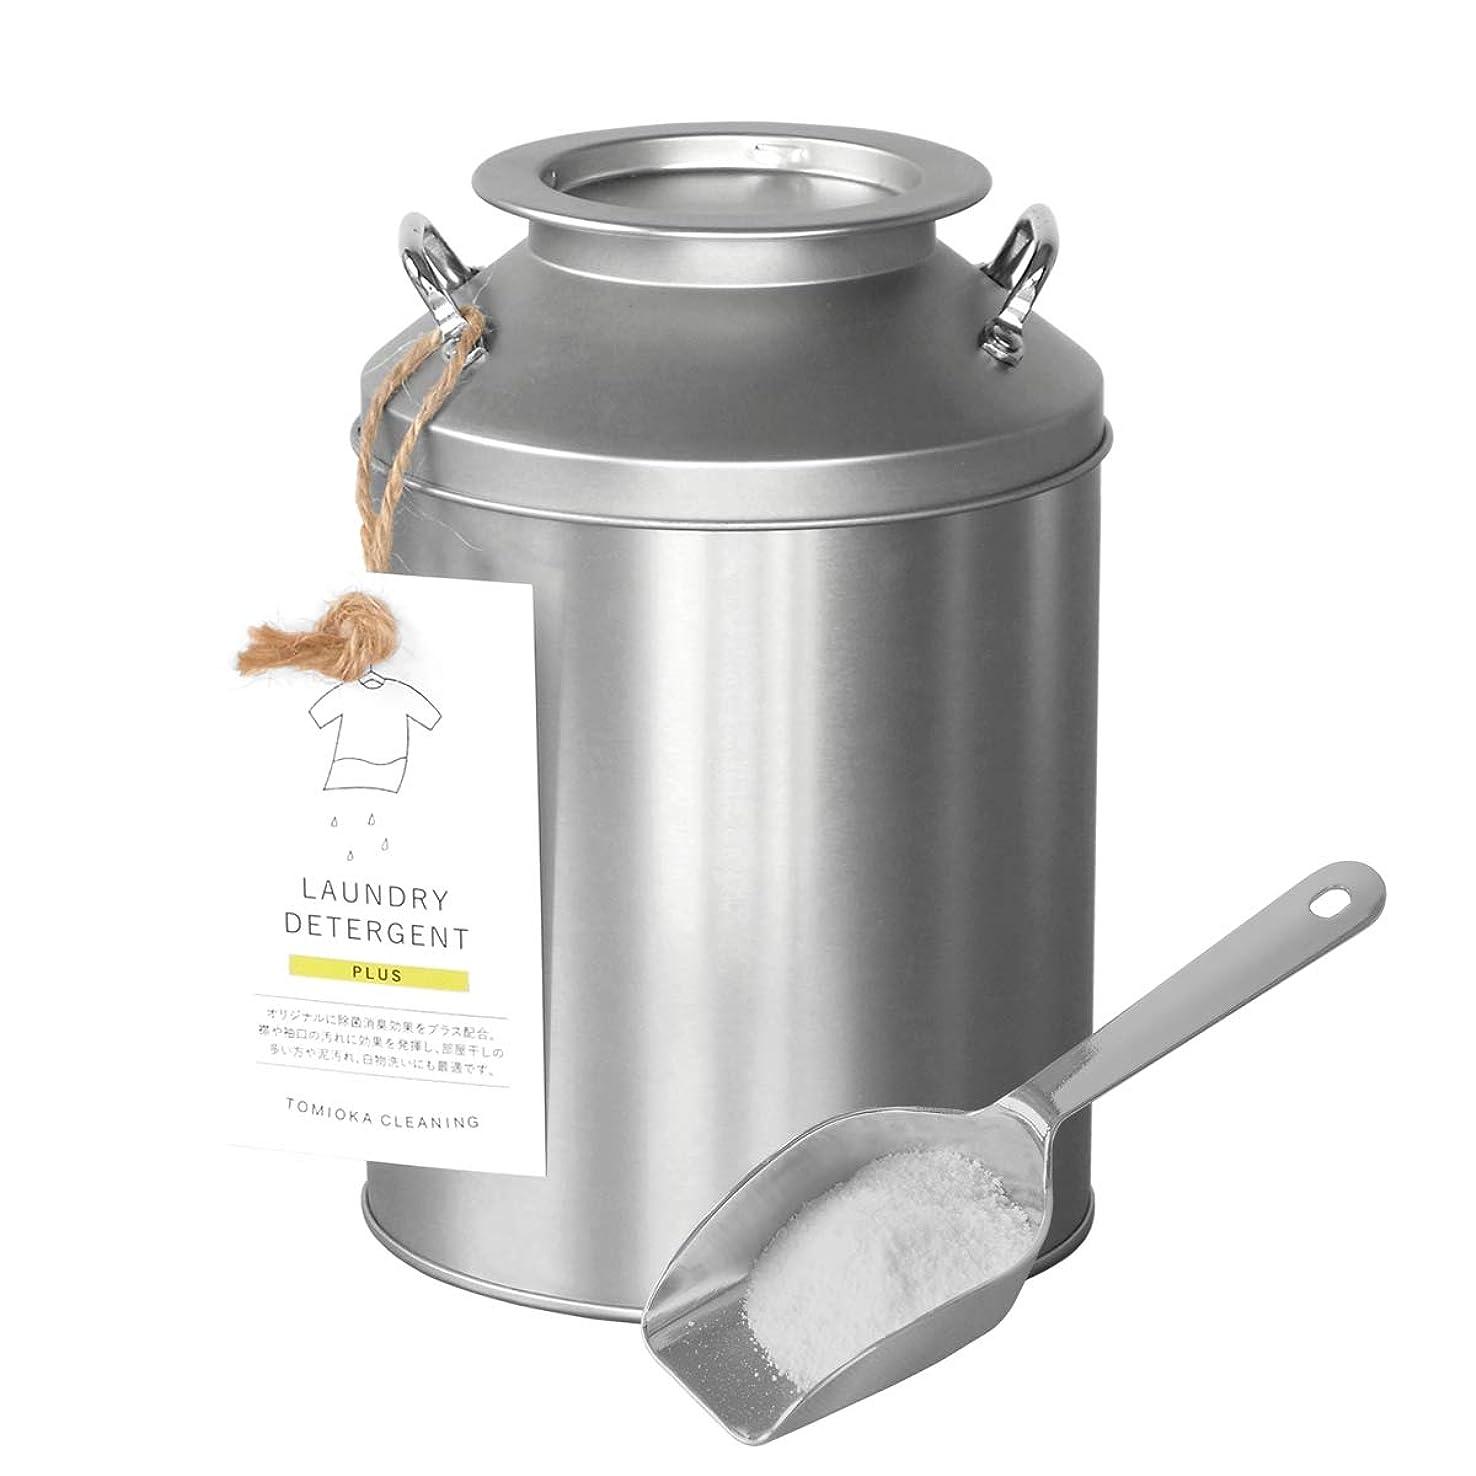 彫刻家正確付録とみおかクリーニング ミルク缶洗濯洗剤 プラス 800g